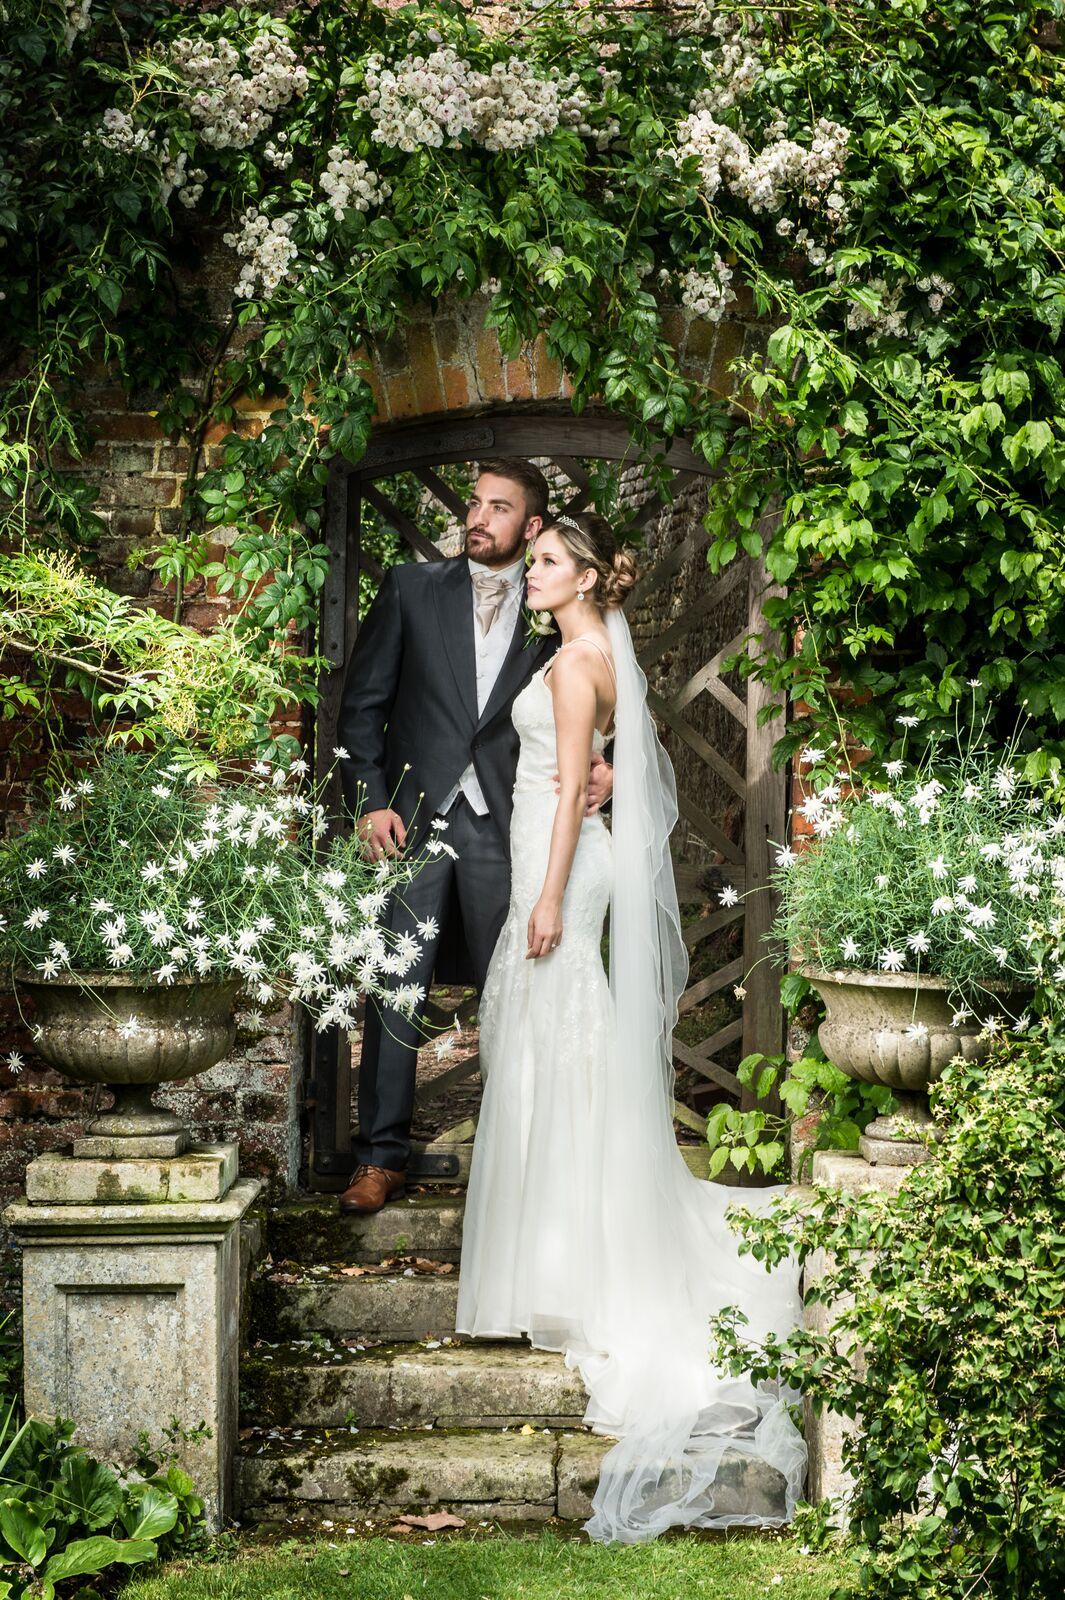 Deene Park Bride and Groom